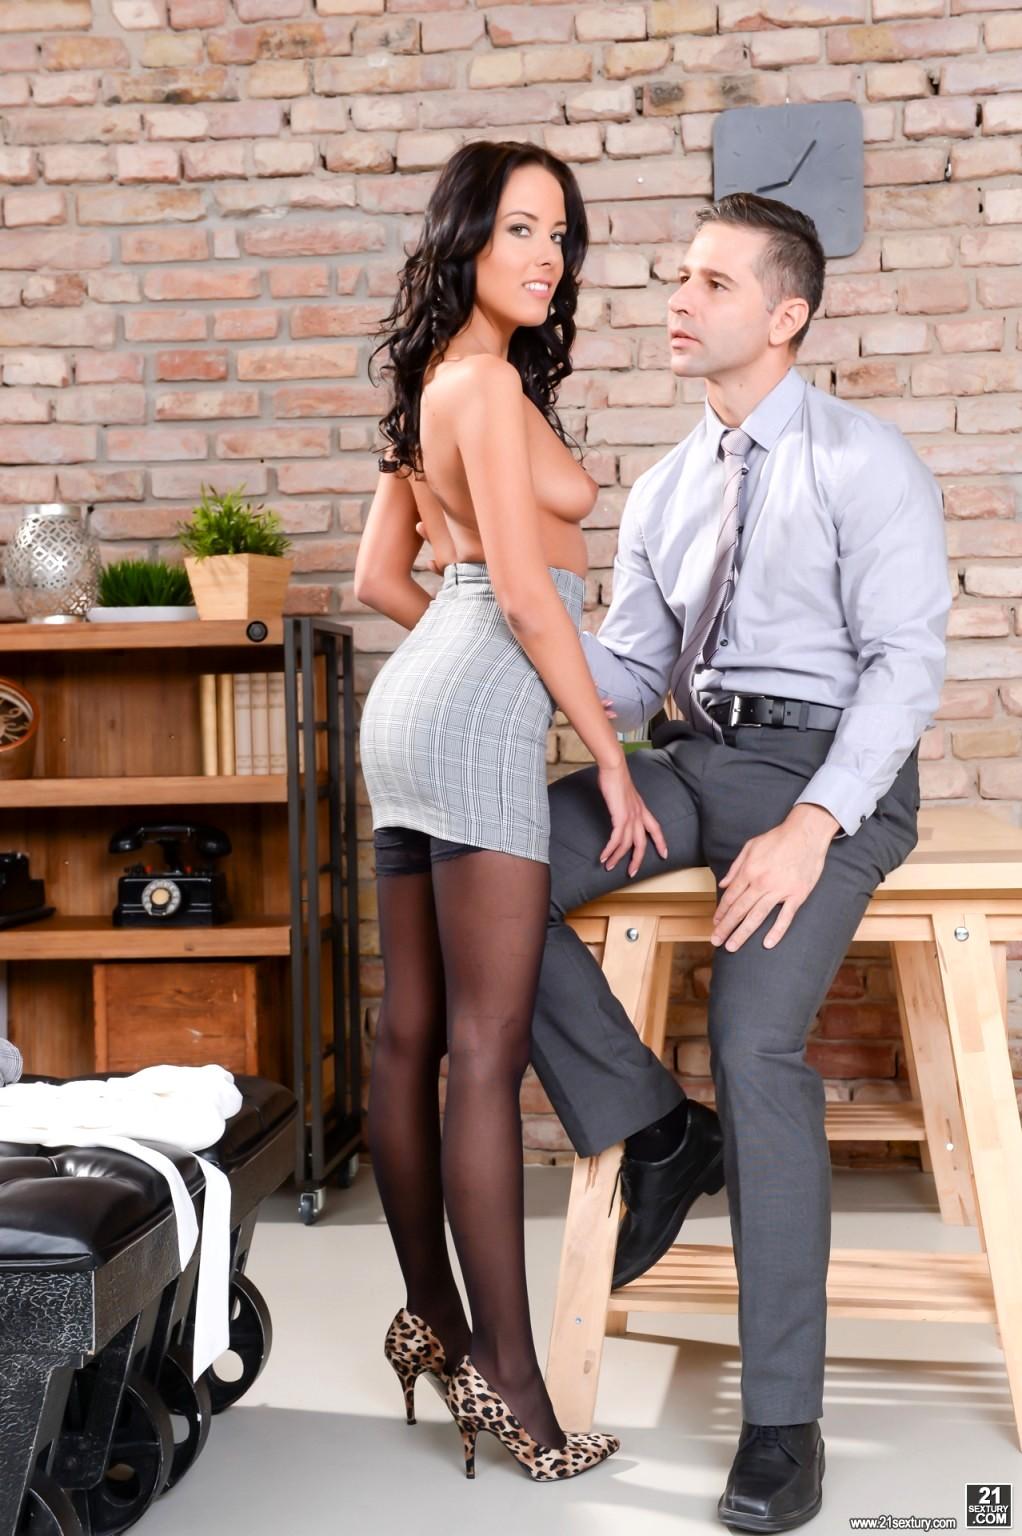 Babe Today 21 Sextury Lexi Layo Toby Sexy Stockings -9563